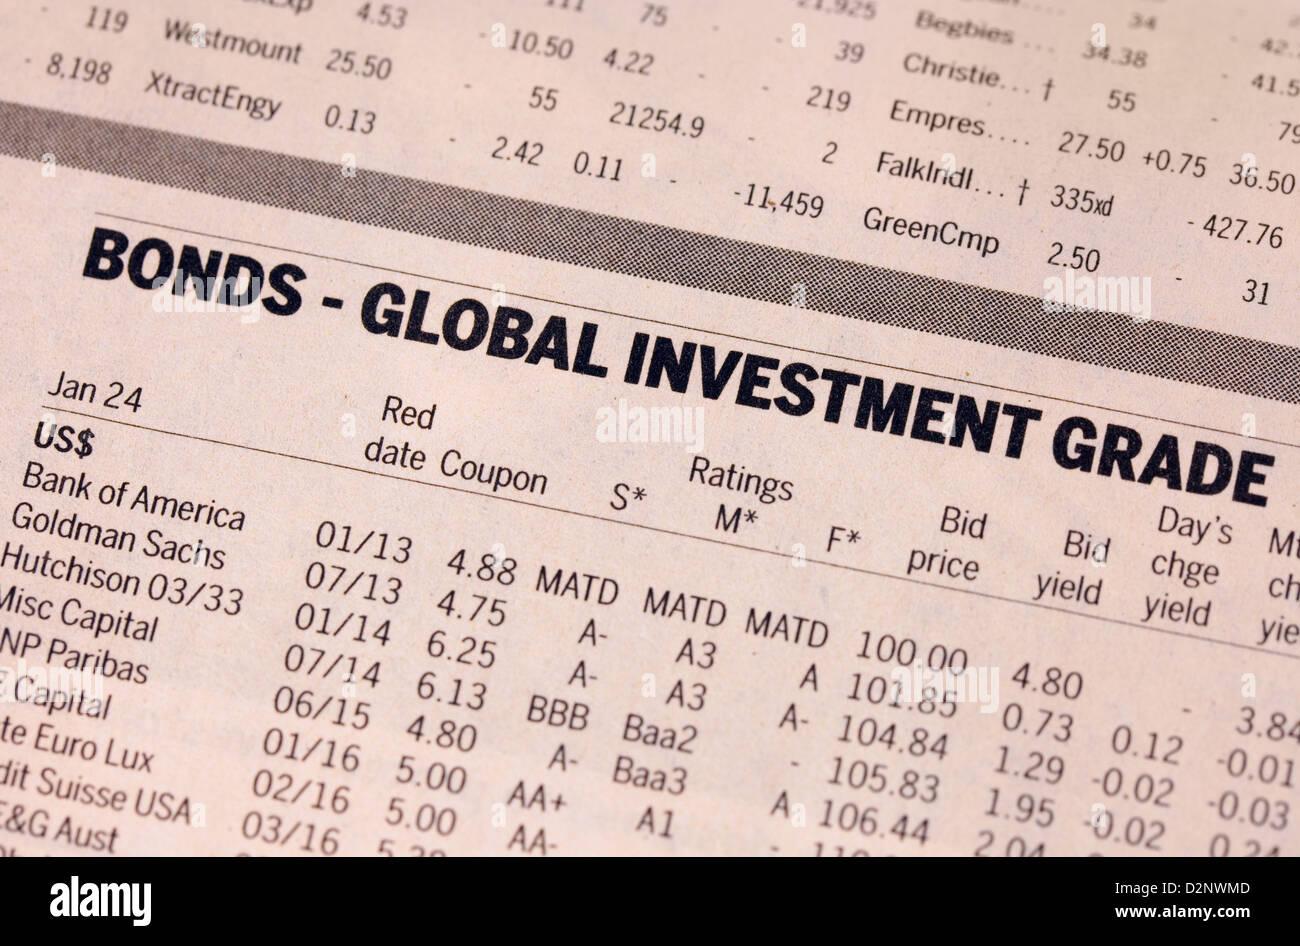 Anleihen - Global Investment Handel - Finanzen-Werte in der Financial Times Zeitung, UK Stockbild